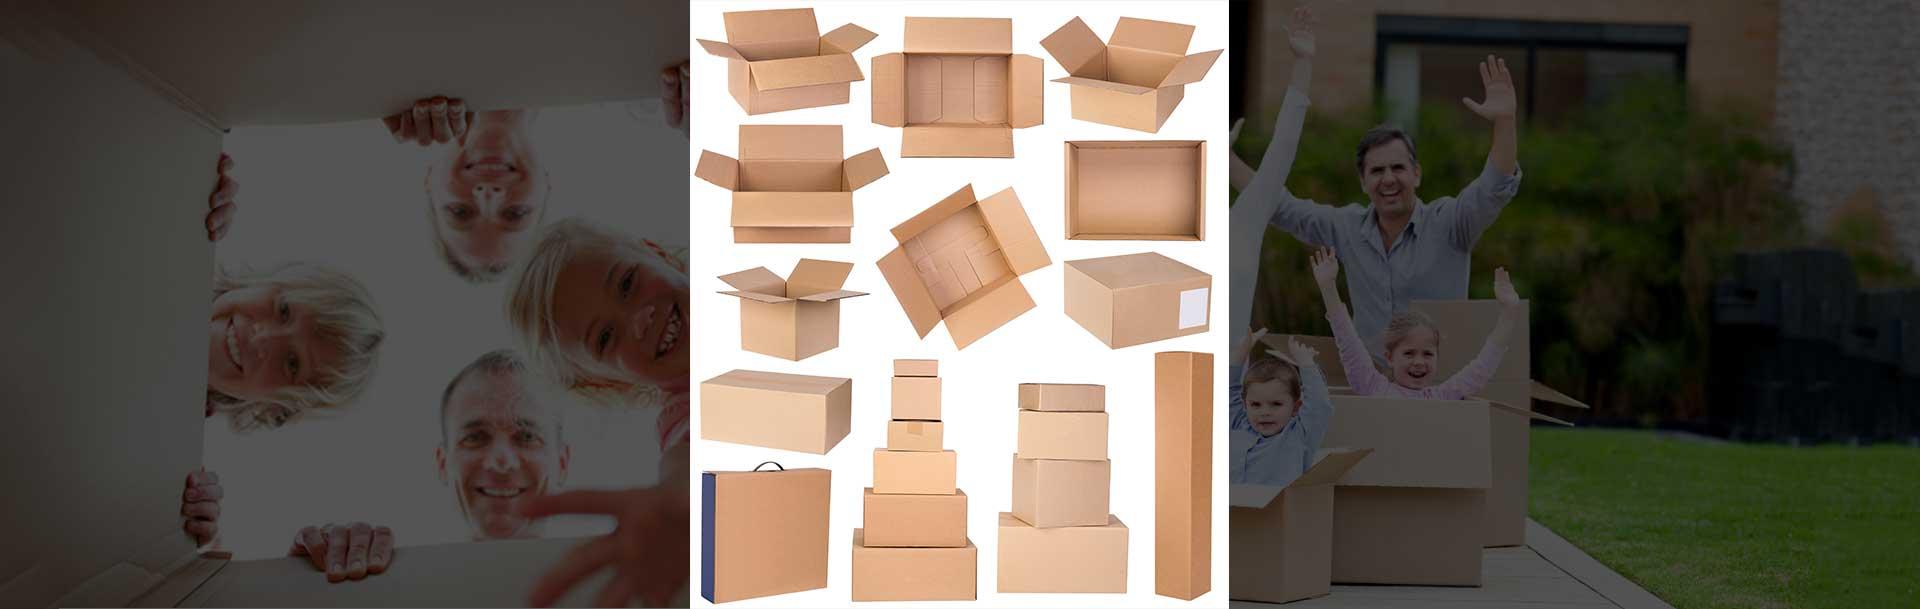 (c) Boxshop.ca